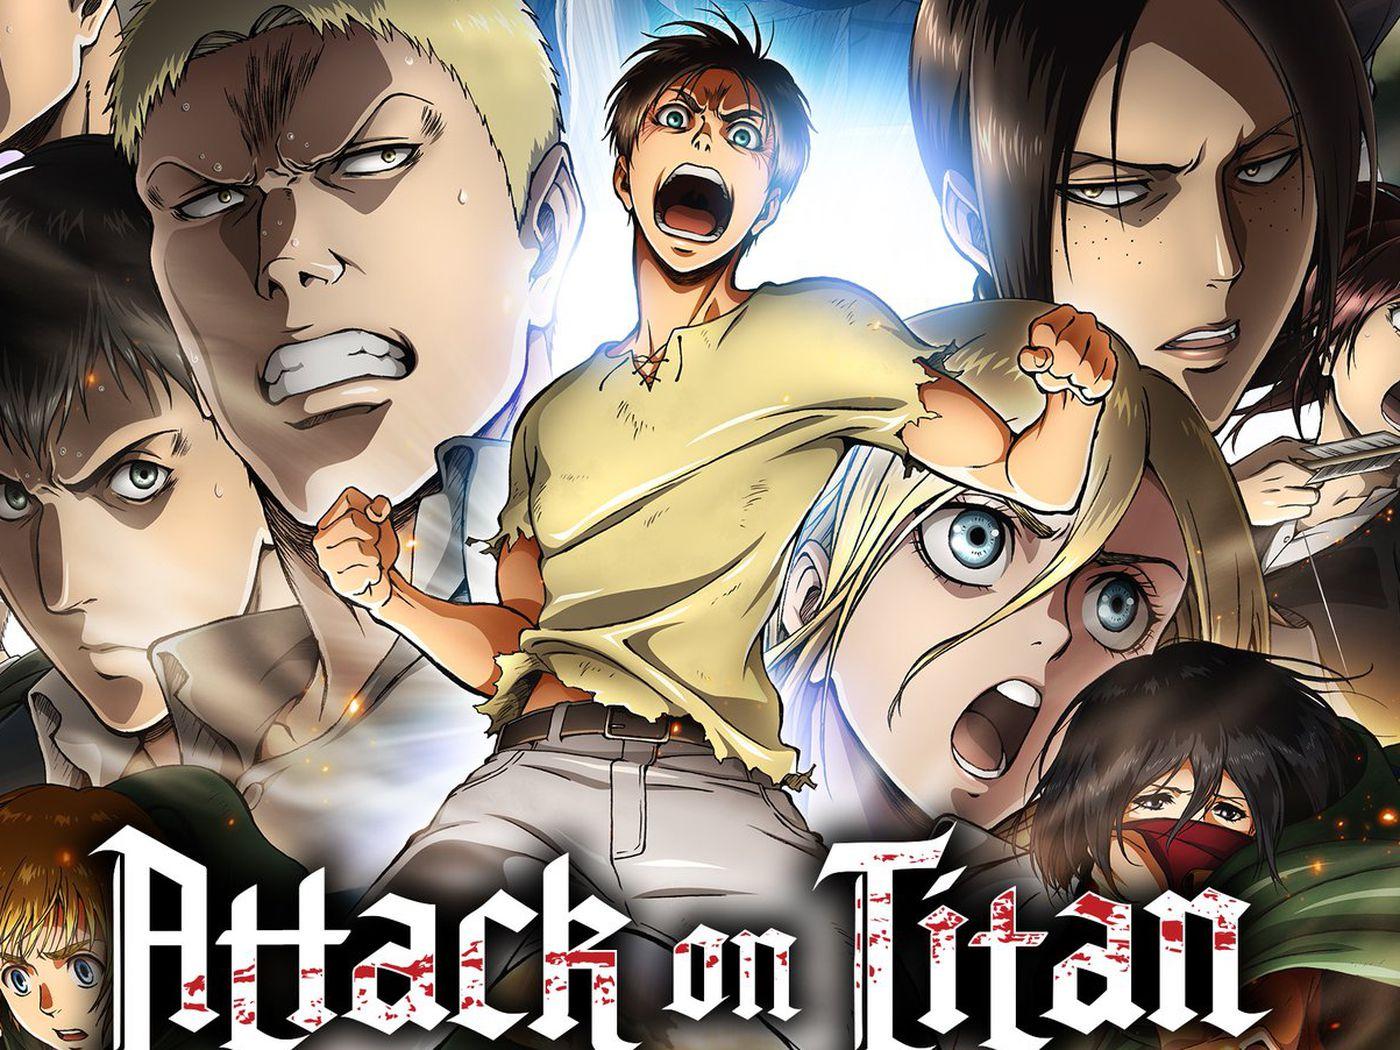 Attack On Titan Season 2 Premiere Date Announced Polygon